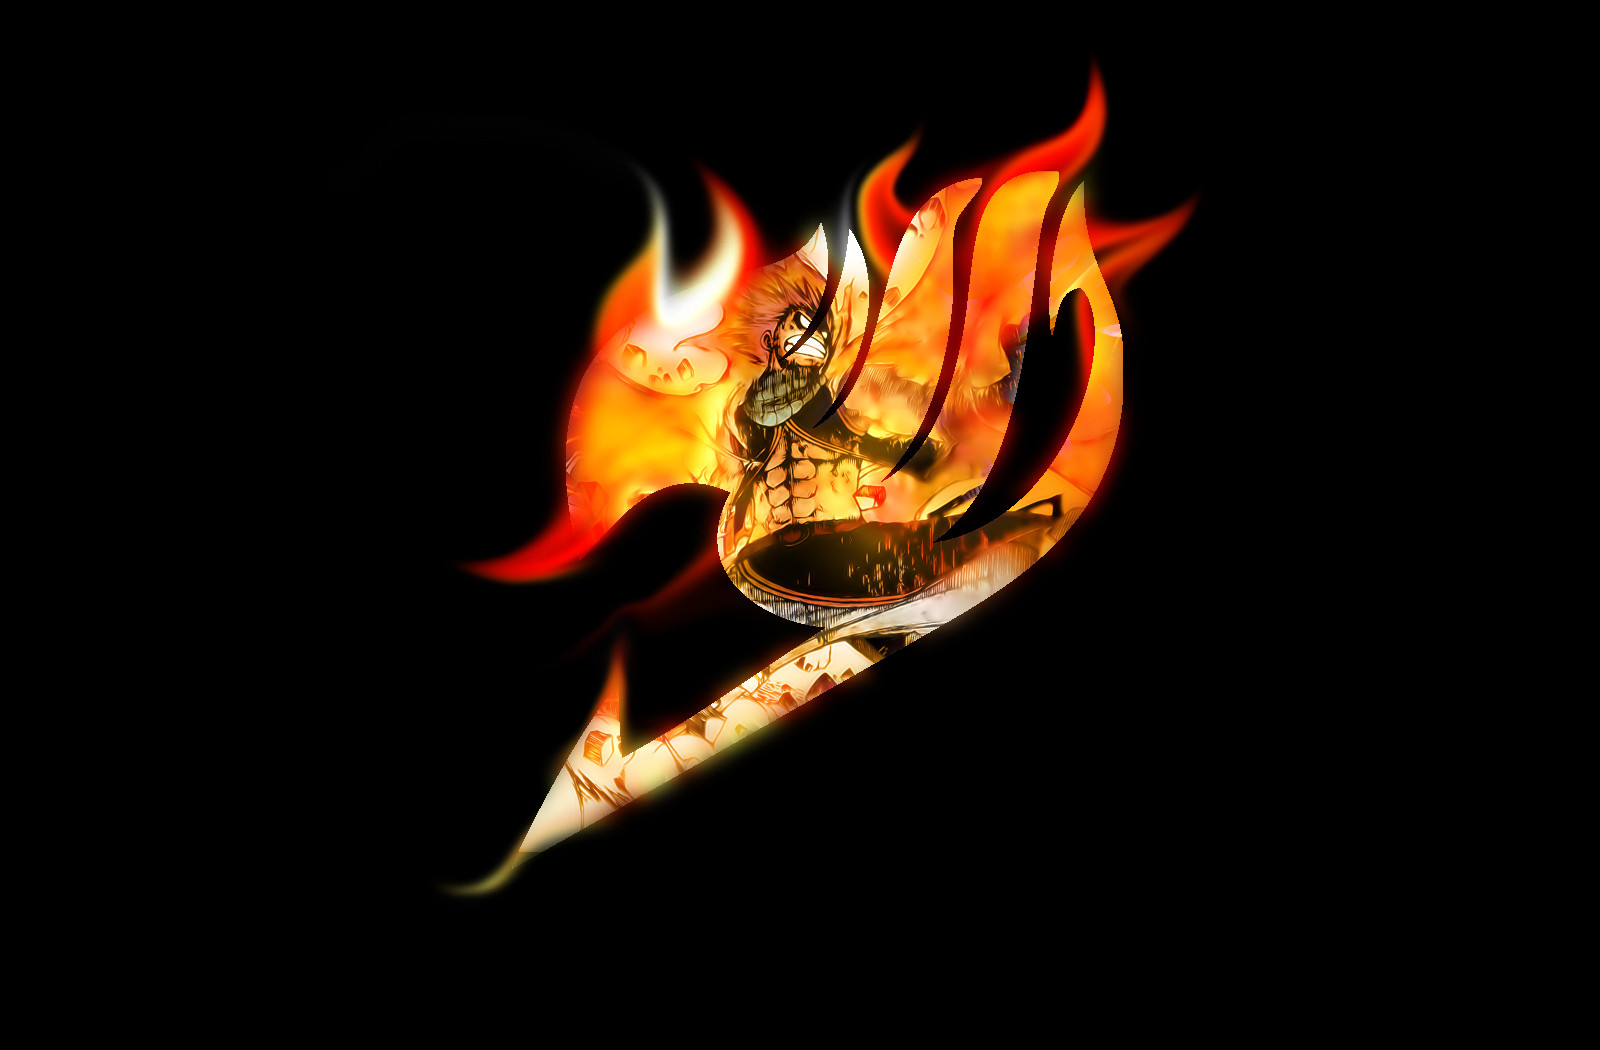 New 3d Wallpaper For Pc Fairy Tail Logo Wallpaper Pixelstalk Net